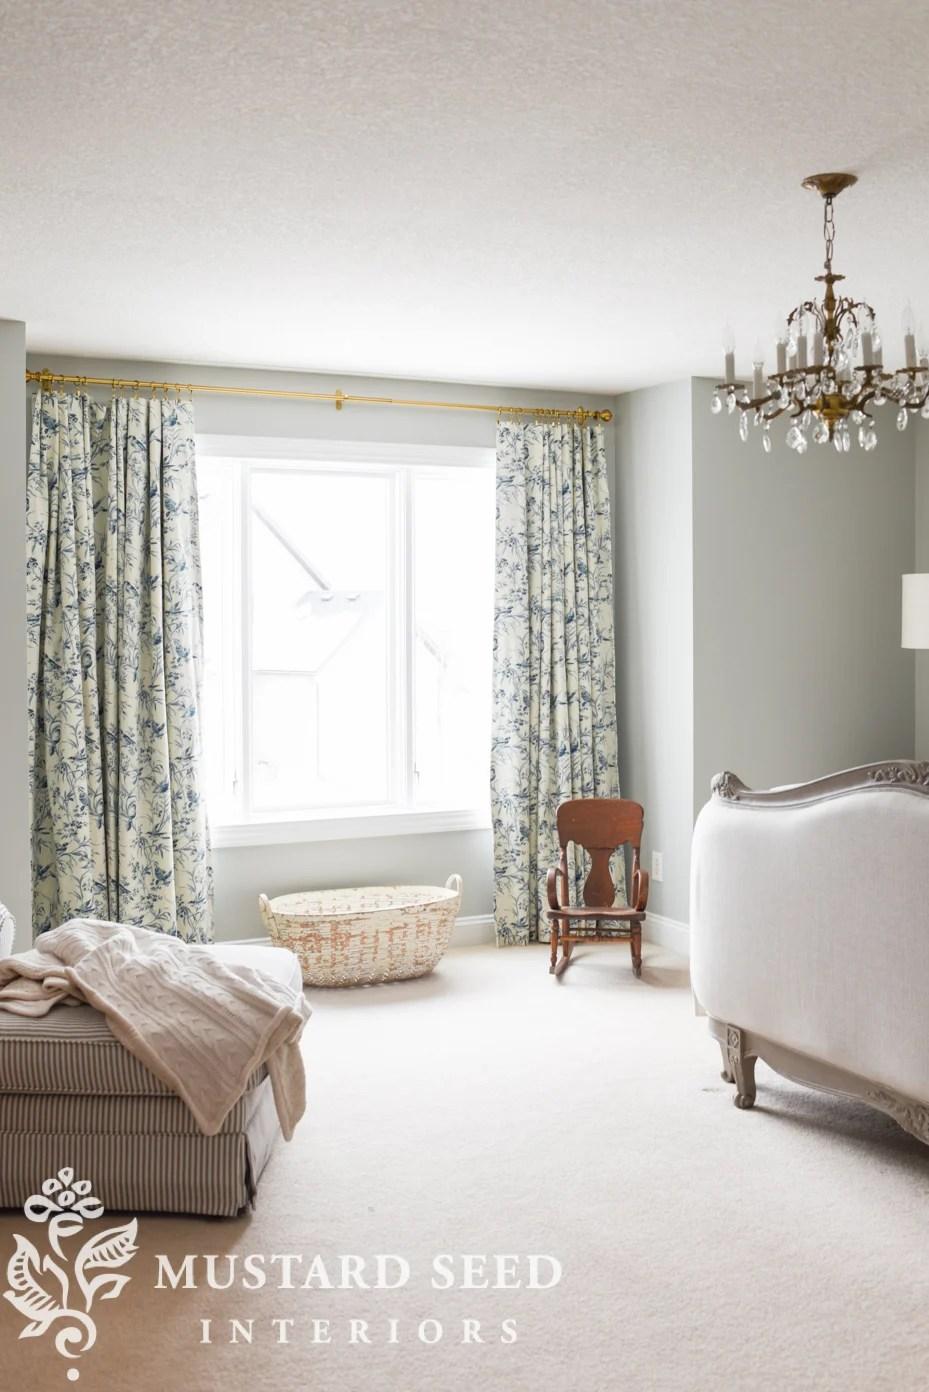 master bedroom curtains | Miss Mustard Seed on Master Bedroom Curtains  id=17718